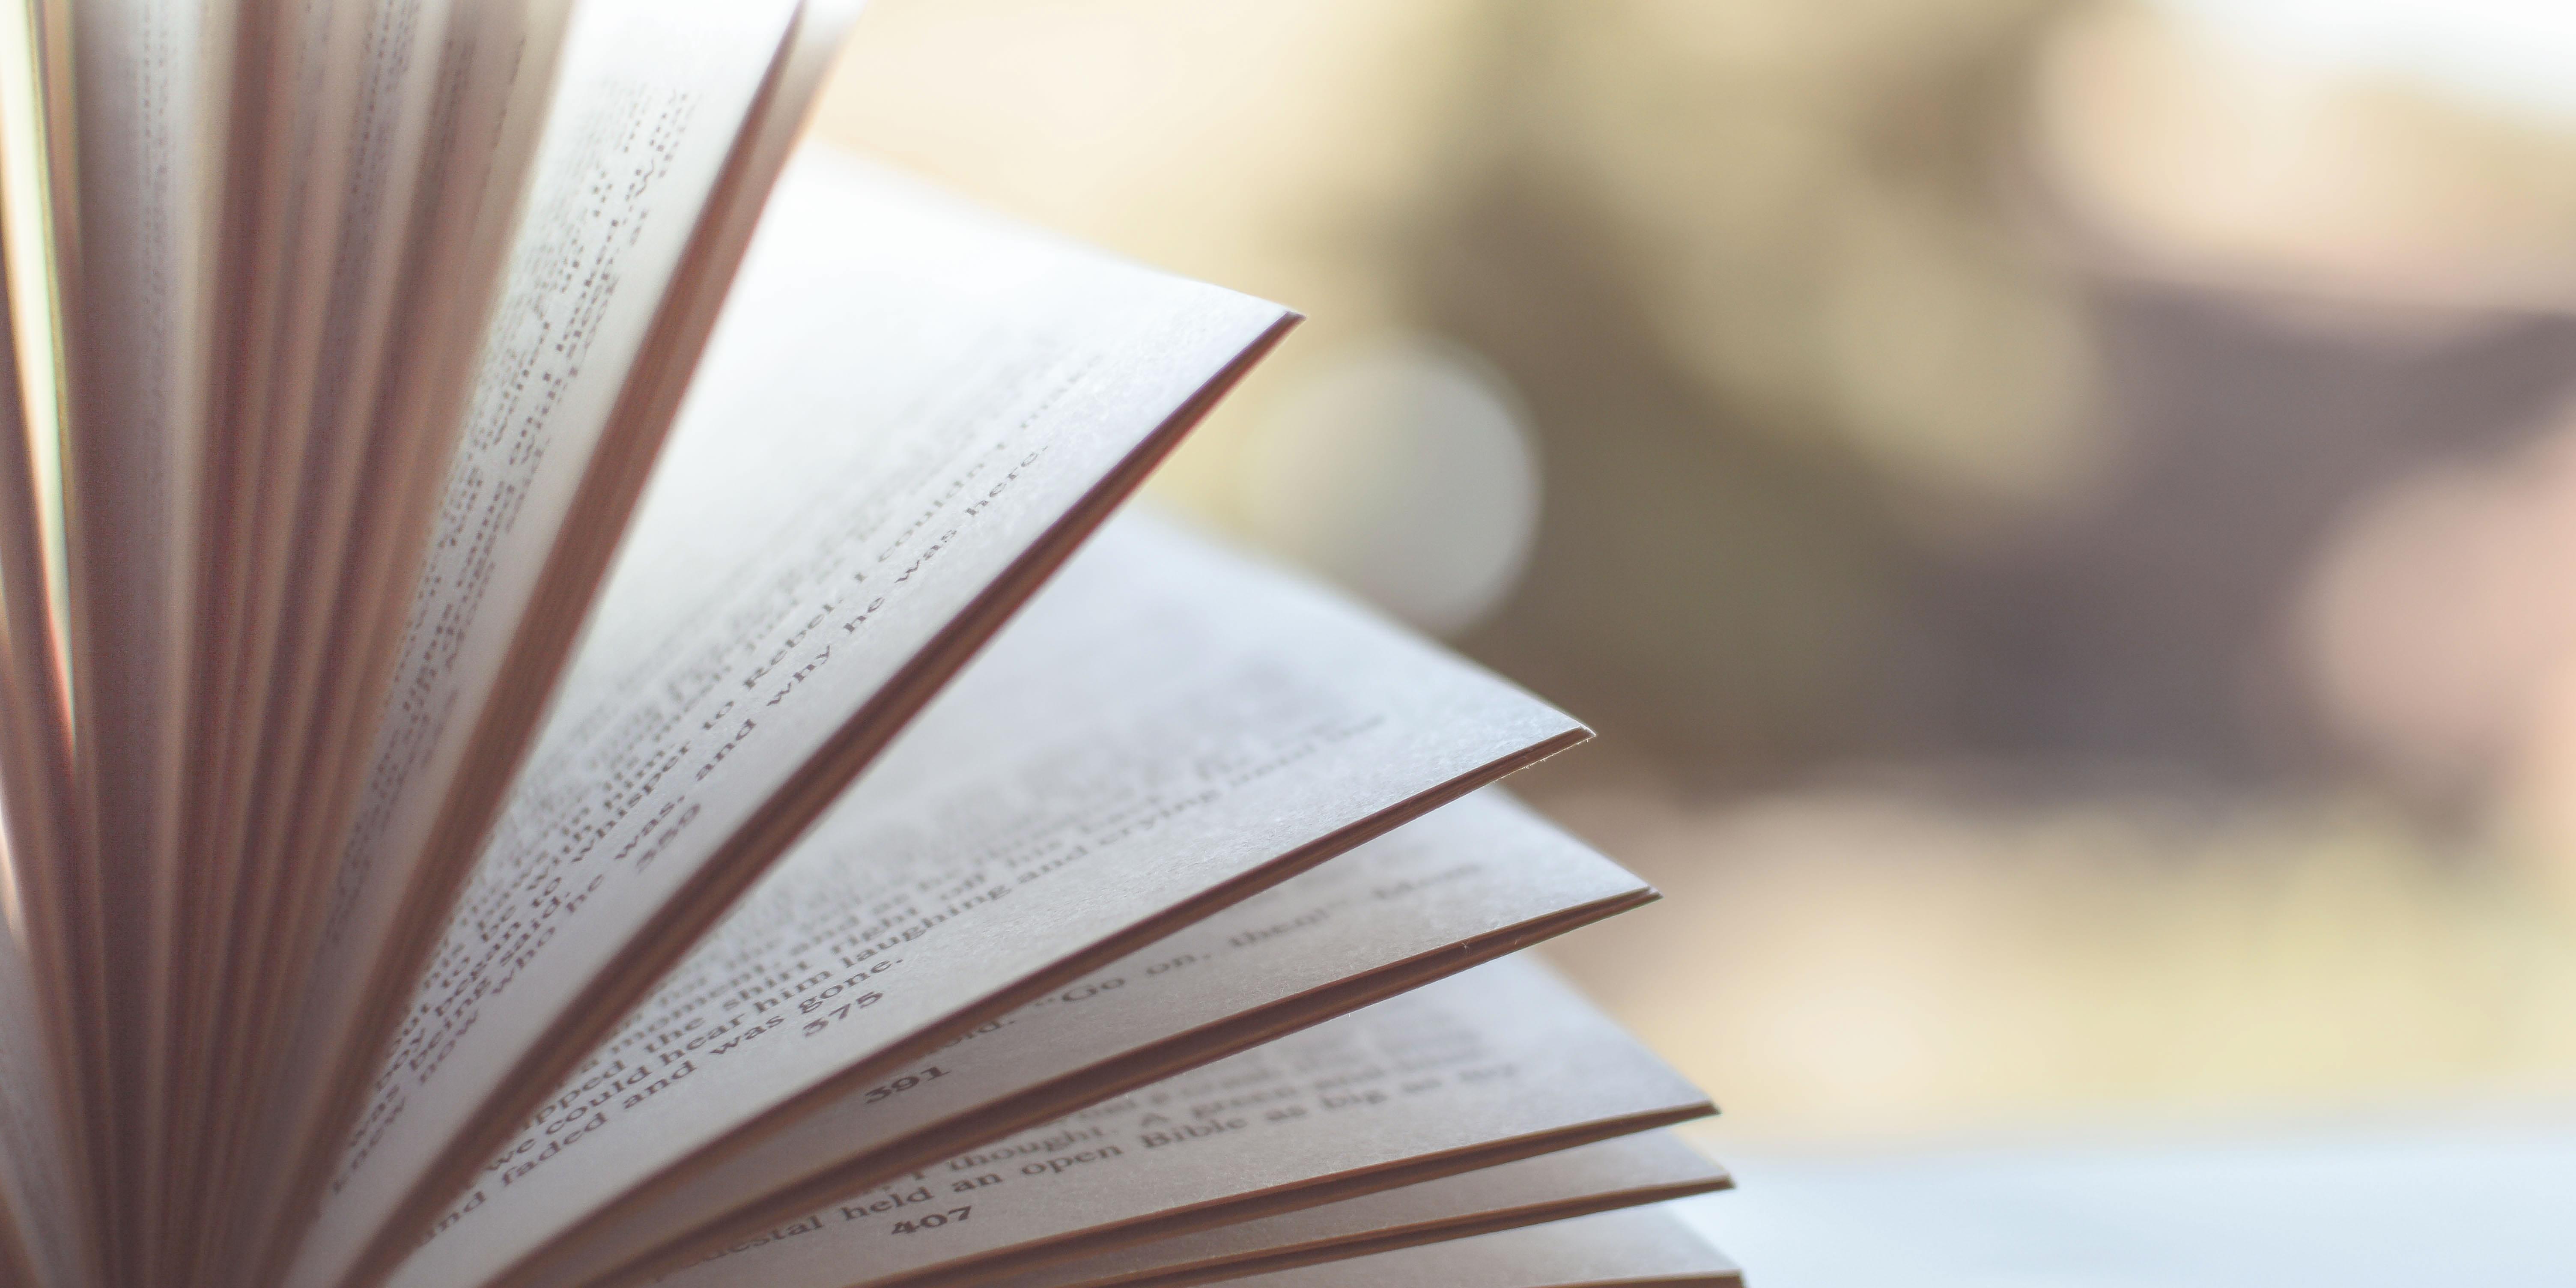 Wil je jouw manuscript laten beoordelen of redigeren?